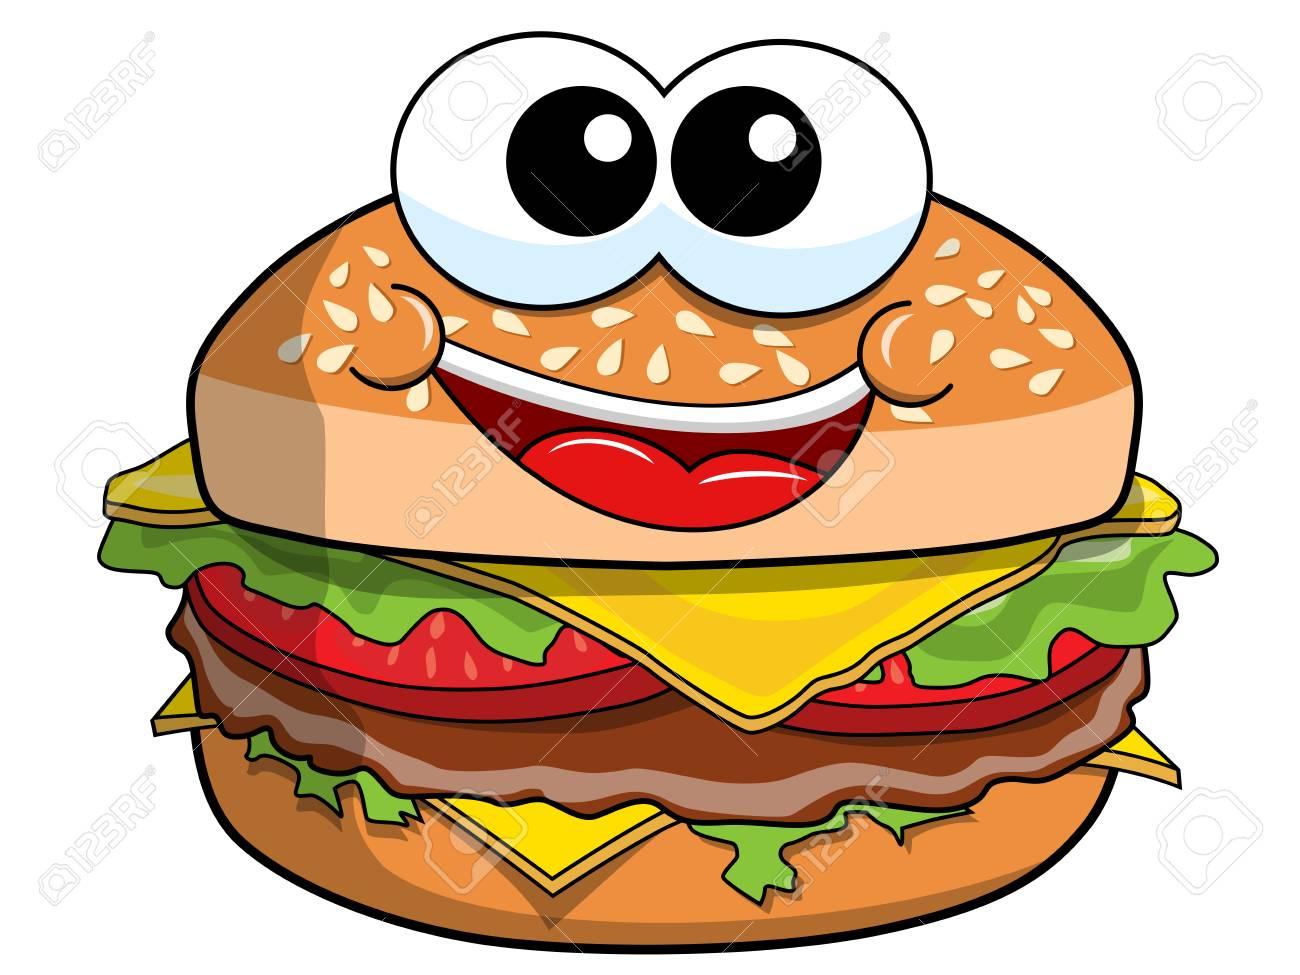 happy cartoon hamburger character isolated on white royalty free rh 123rf com cartoon hamburger pictures cartoon hamburger and hotdog